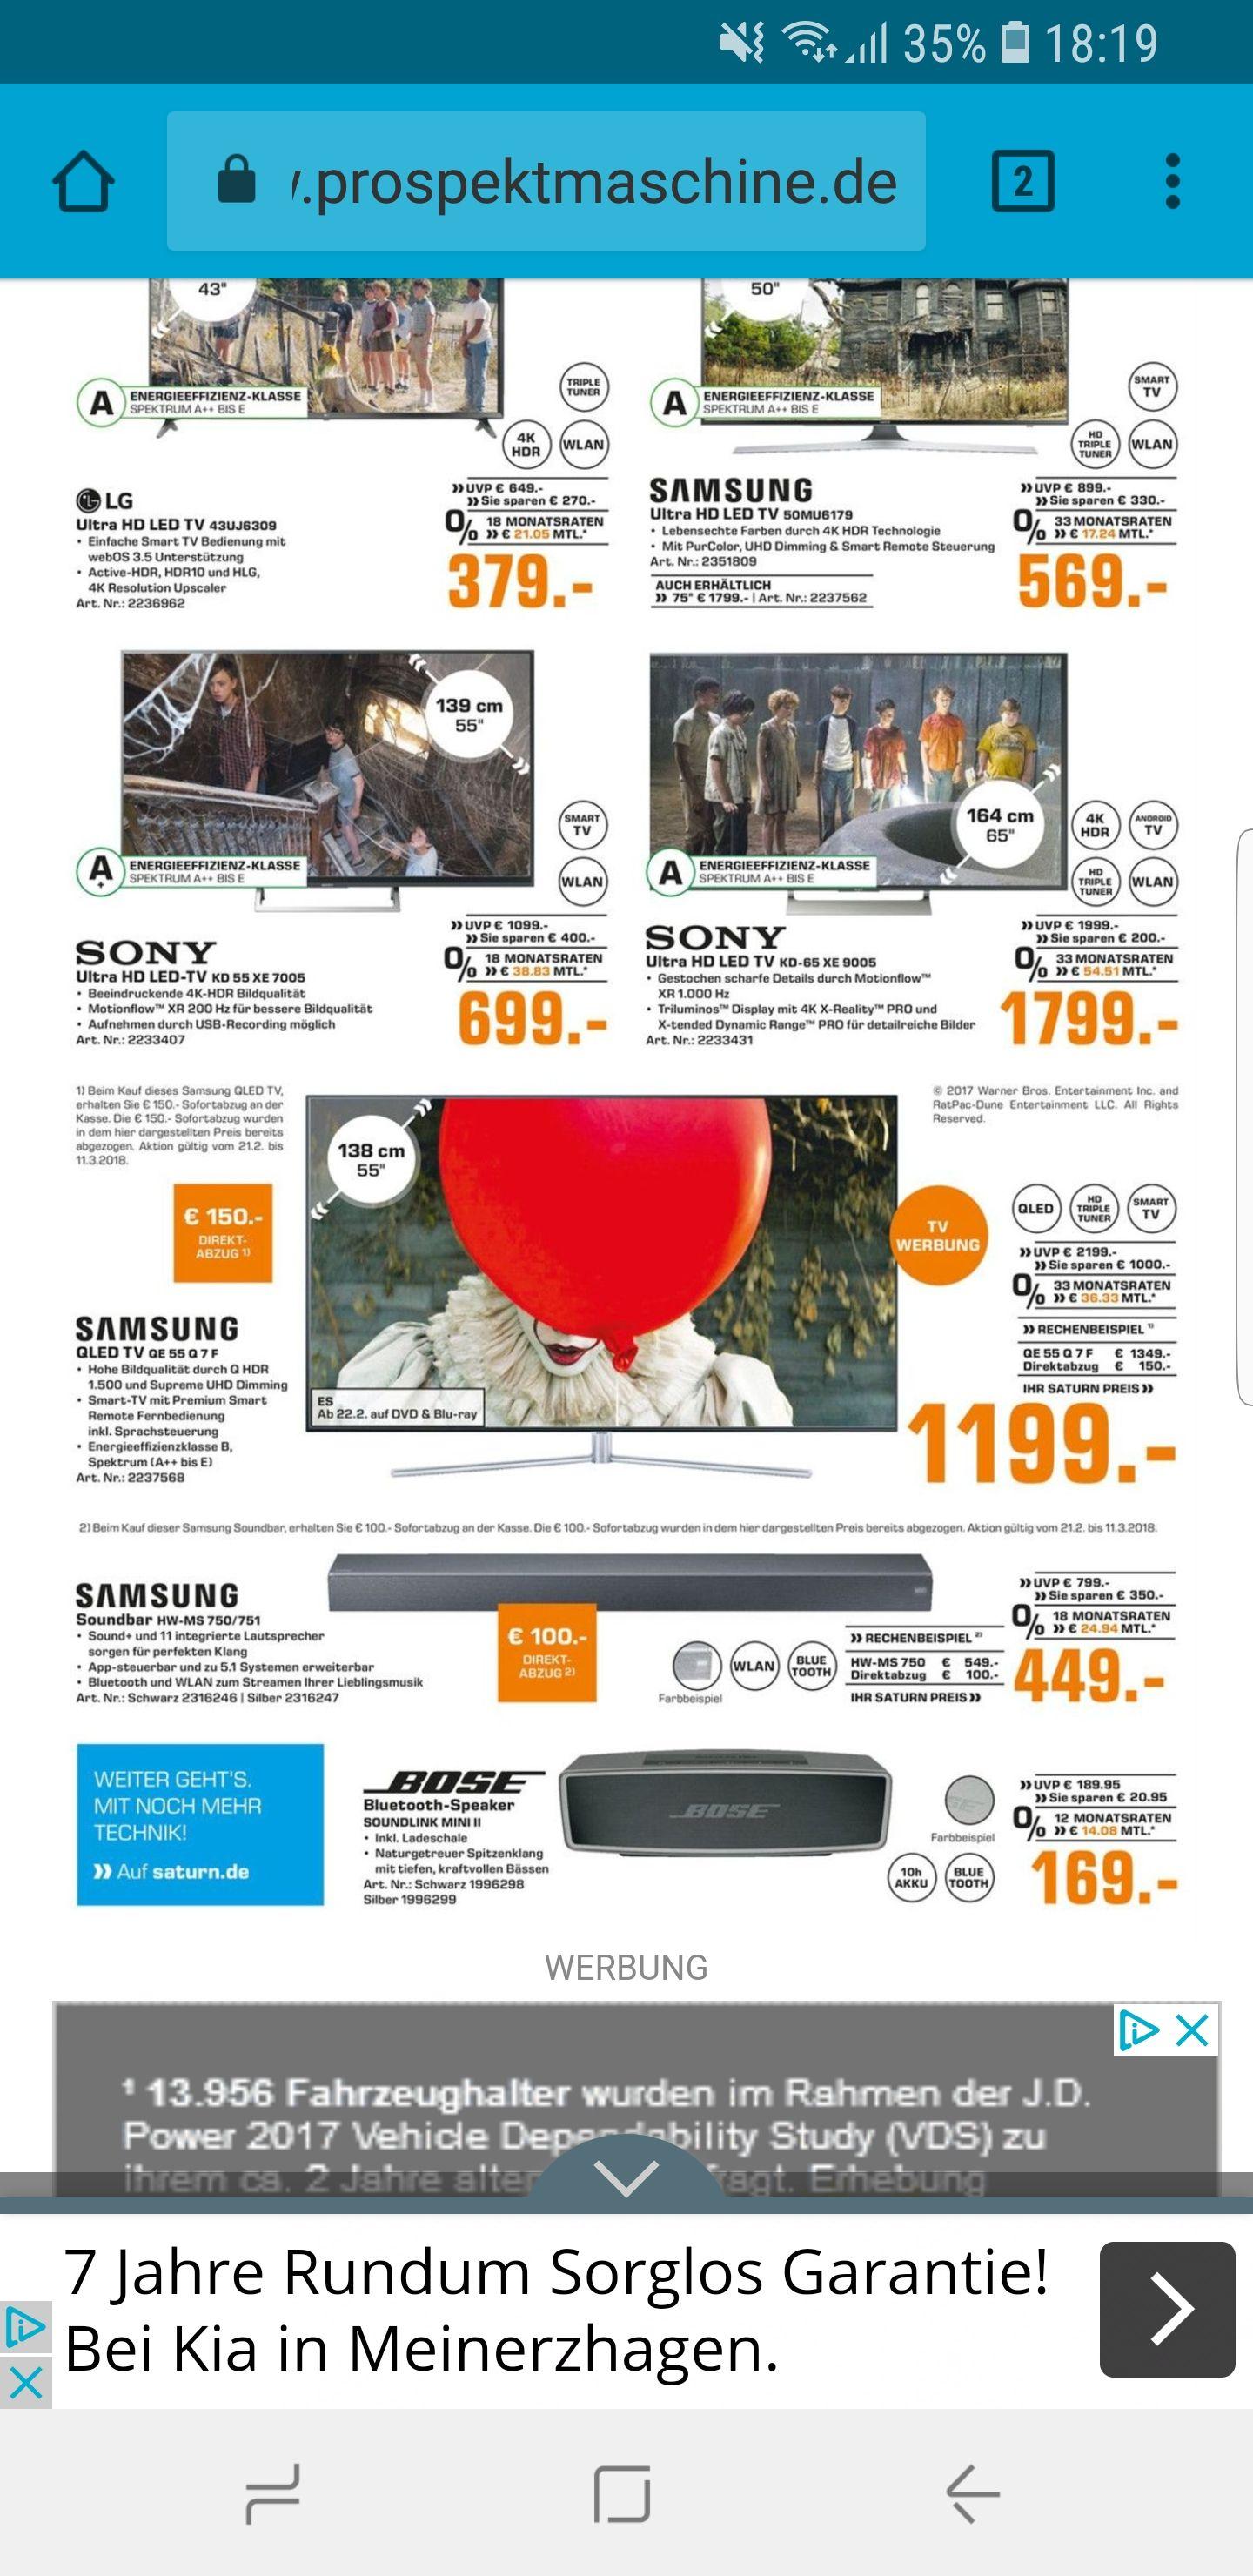 Samsung 55Q7F [1349€] - [150€ Direktabzug]